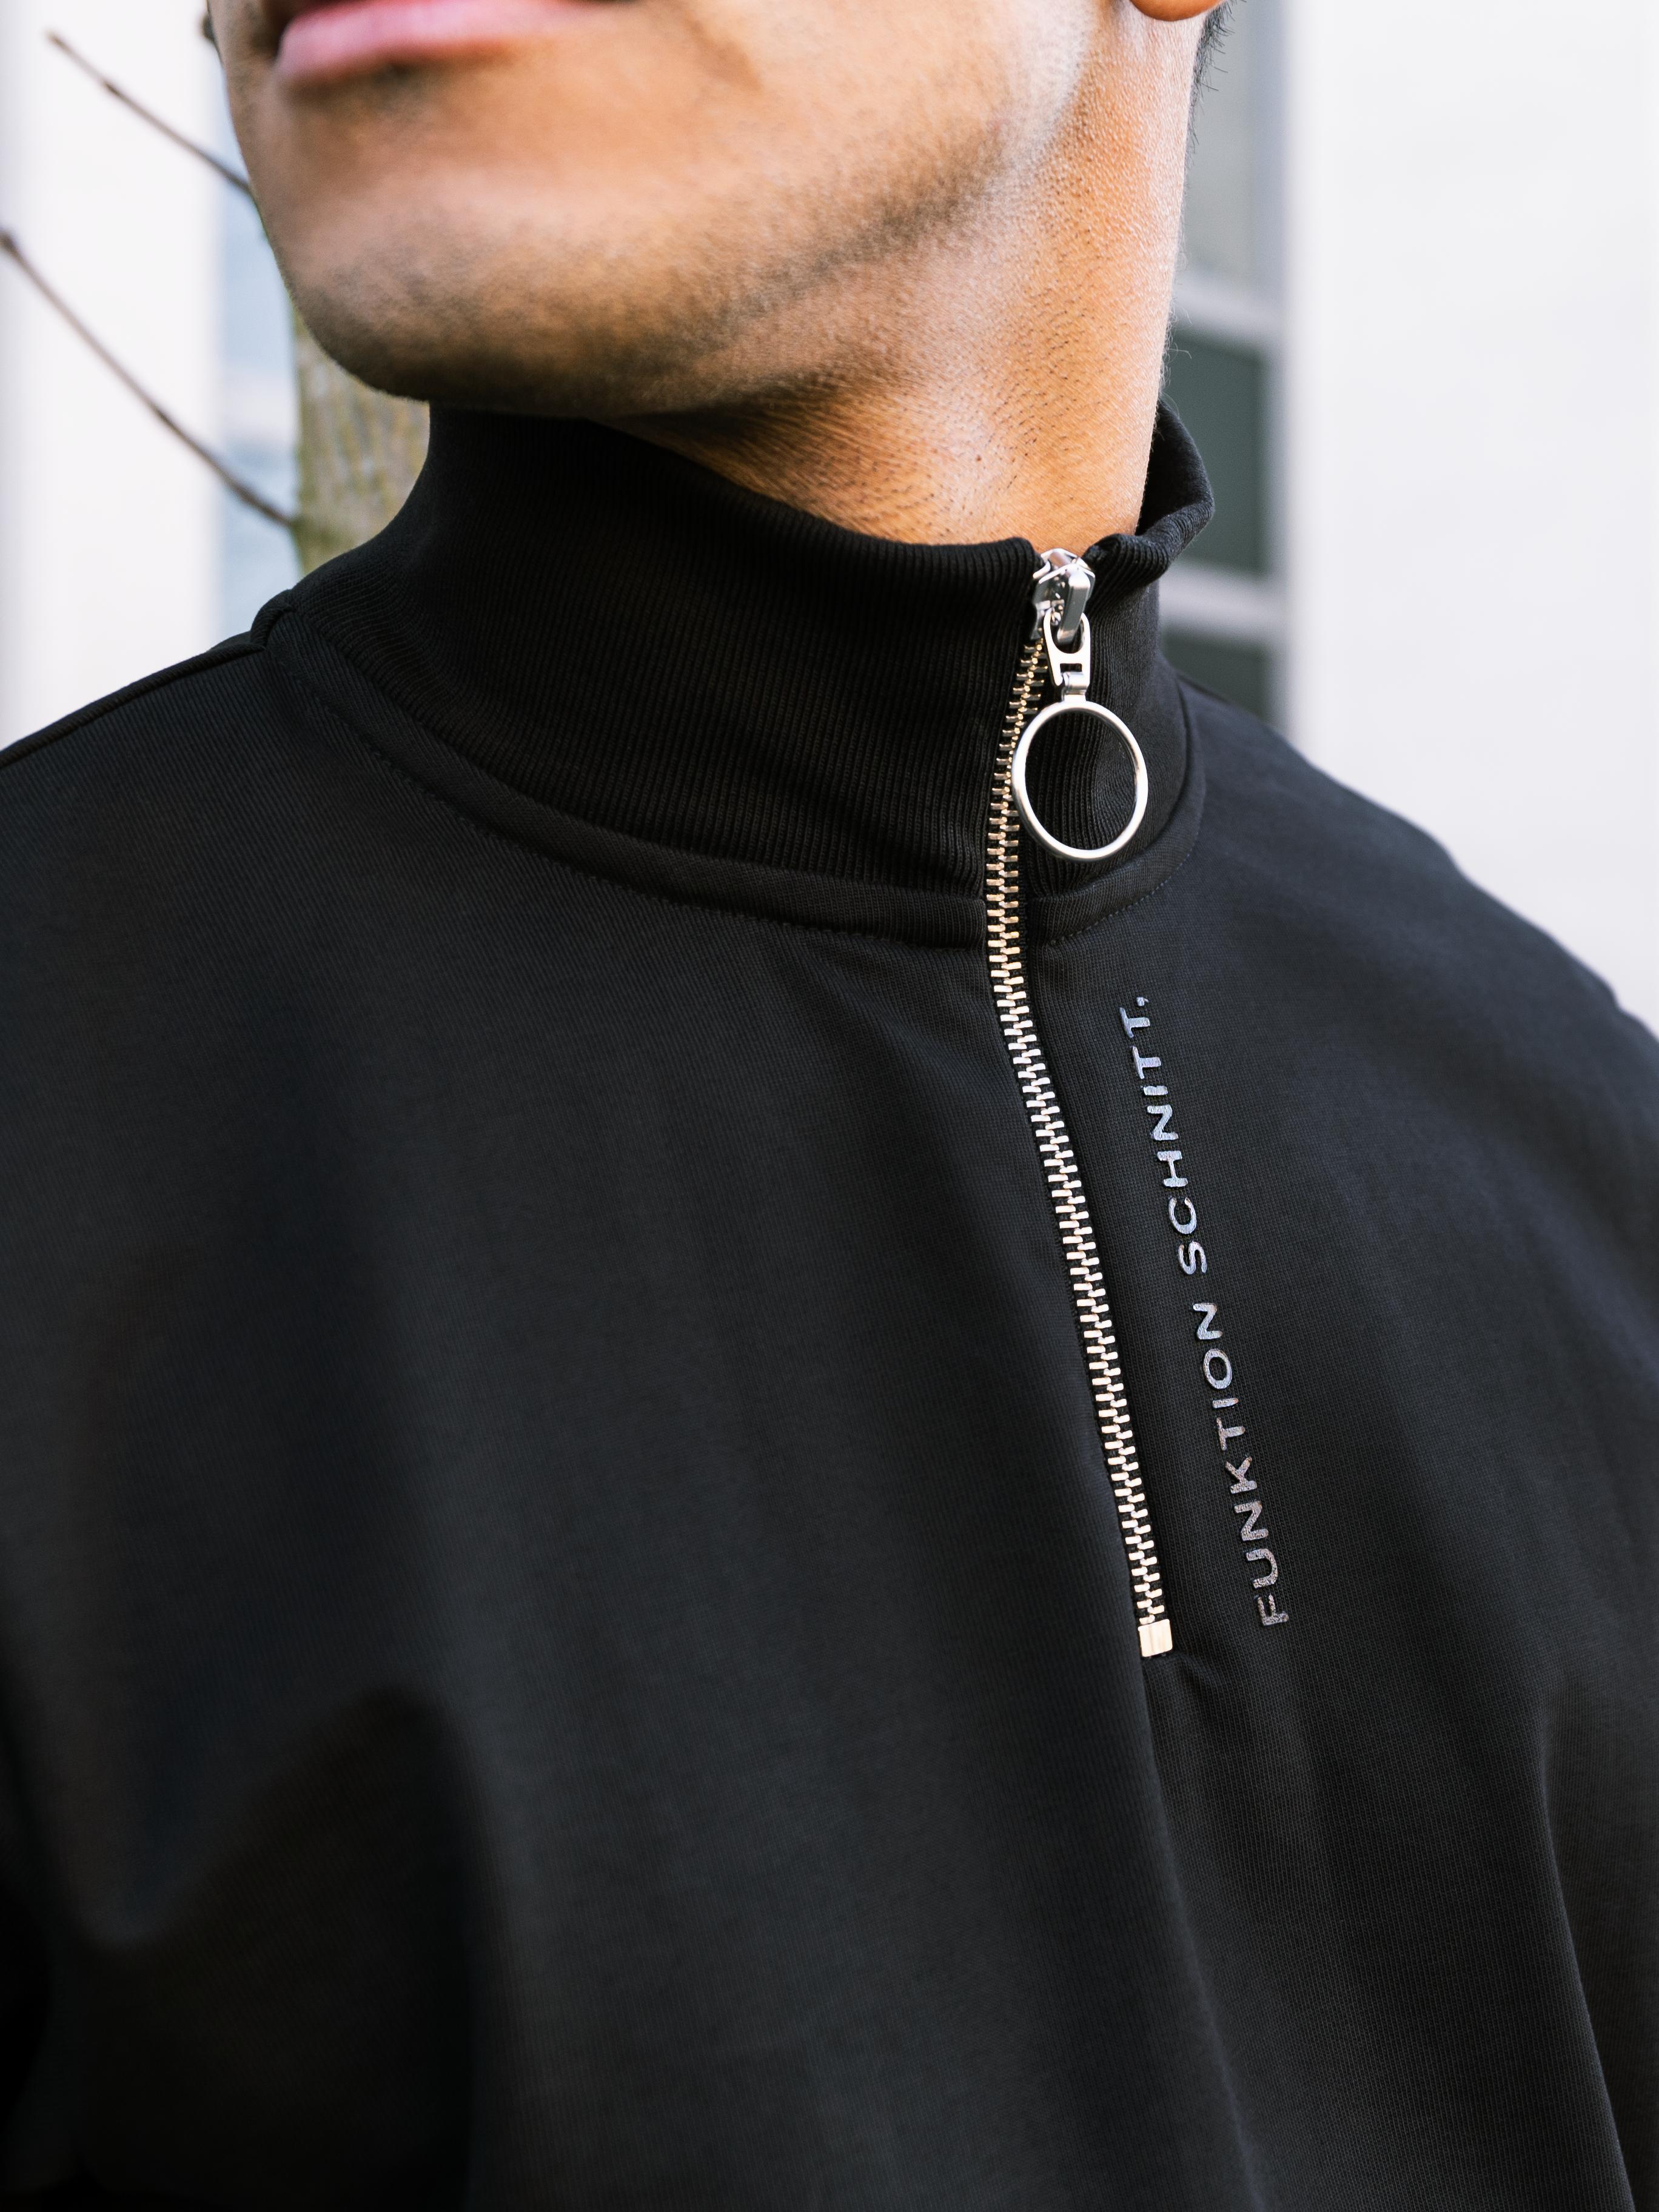 URBAN ARMY von FUNKTION SCHNITT   Streetwear   Urban Fashion   GROSS∆RTIG